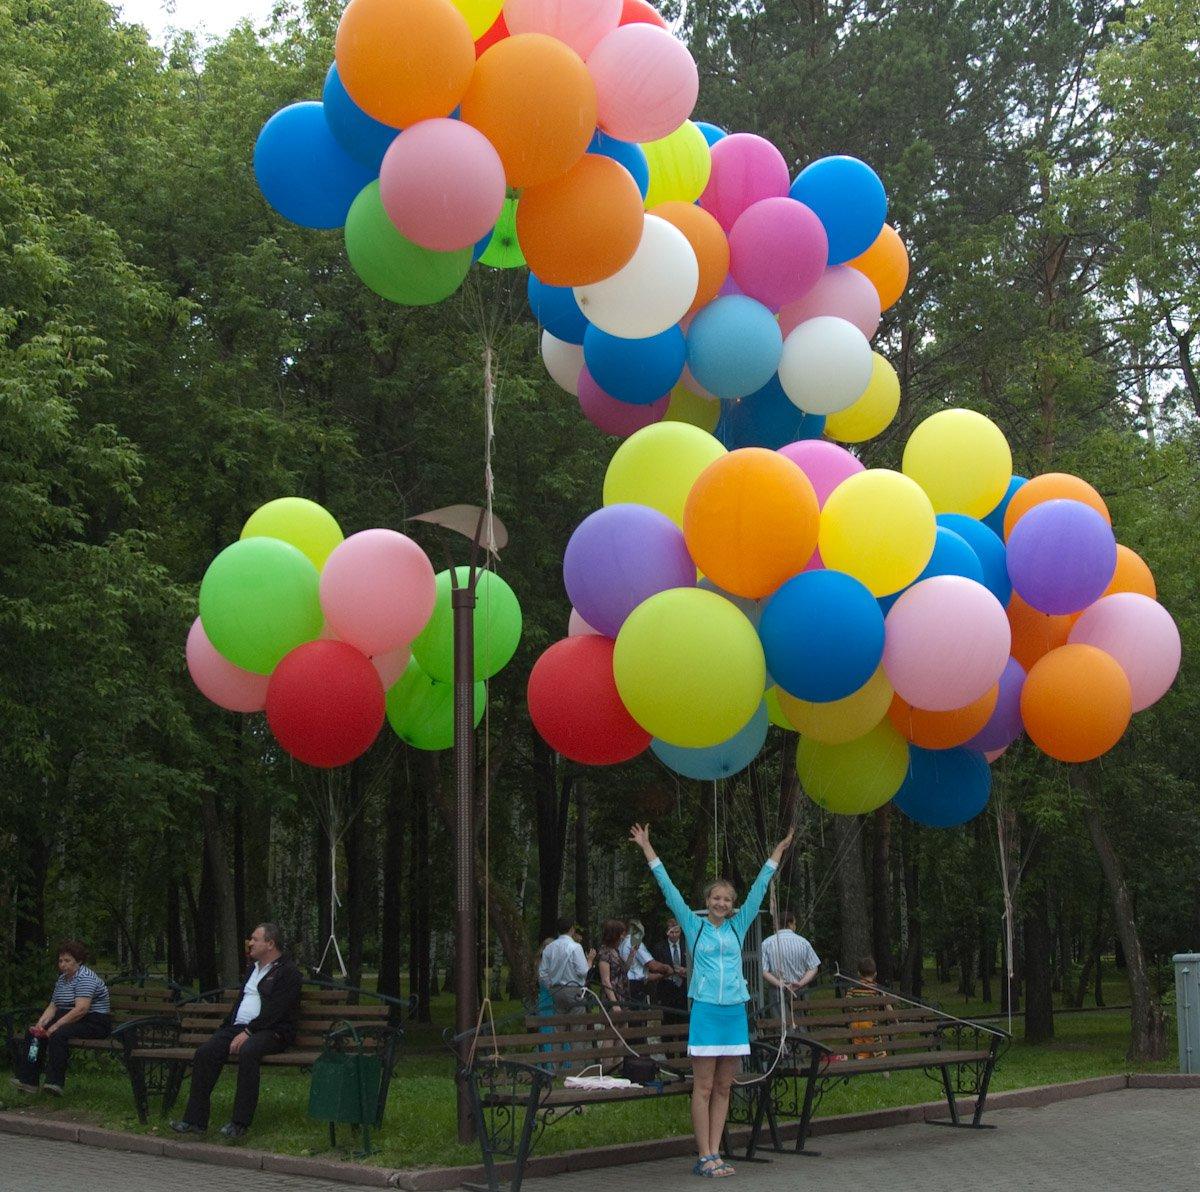 шары с гелием в Нижнем Новгороде, гелевые шары, гелиевые шары, гелевые шарики, доставка шаров